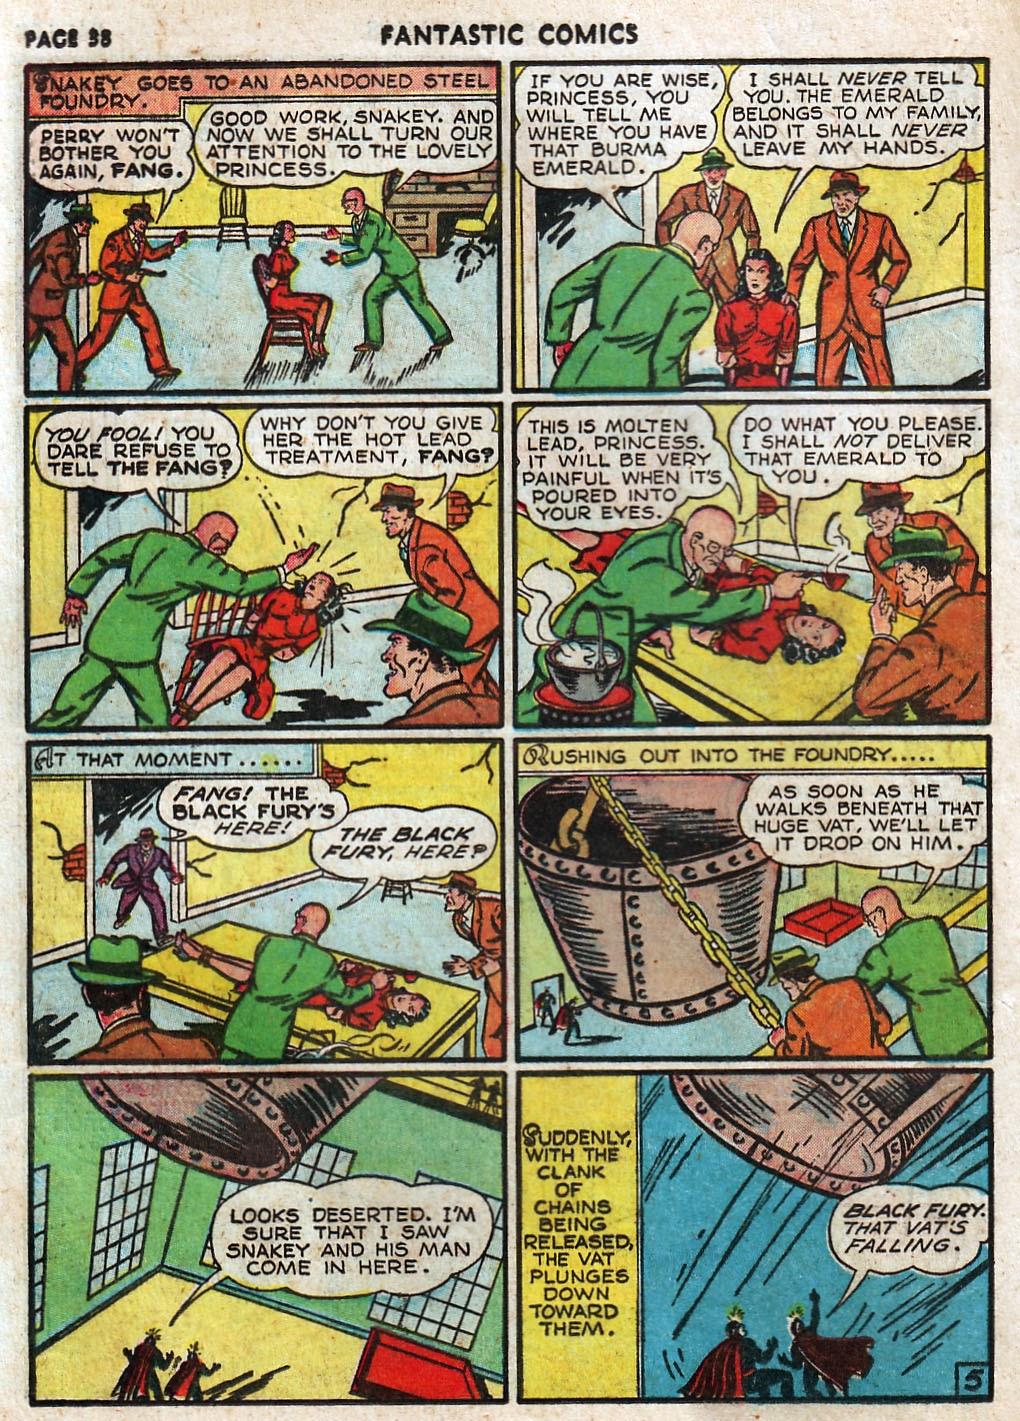 Read online Fantastic Comics comic -  Issue #17 - 39